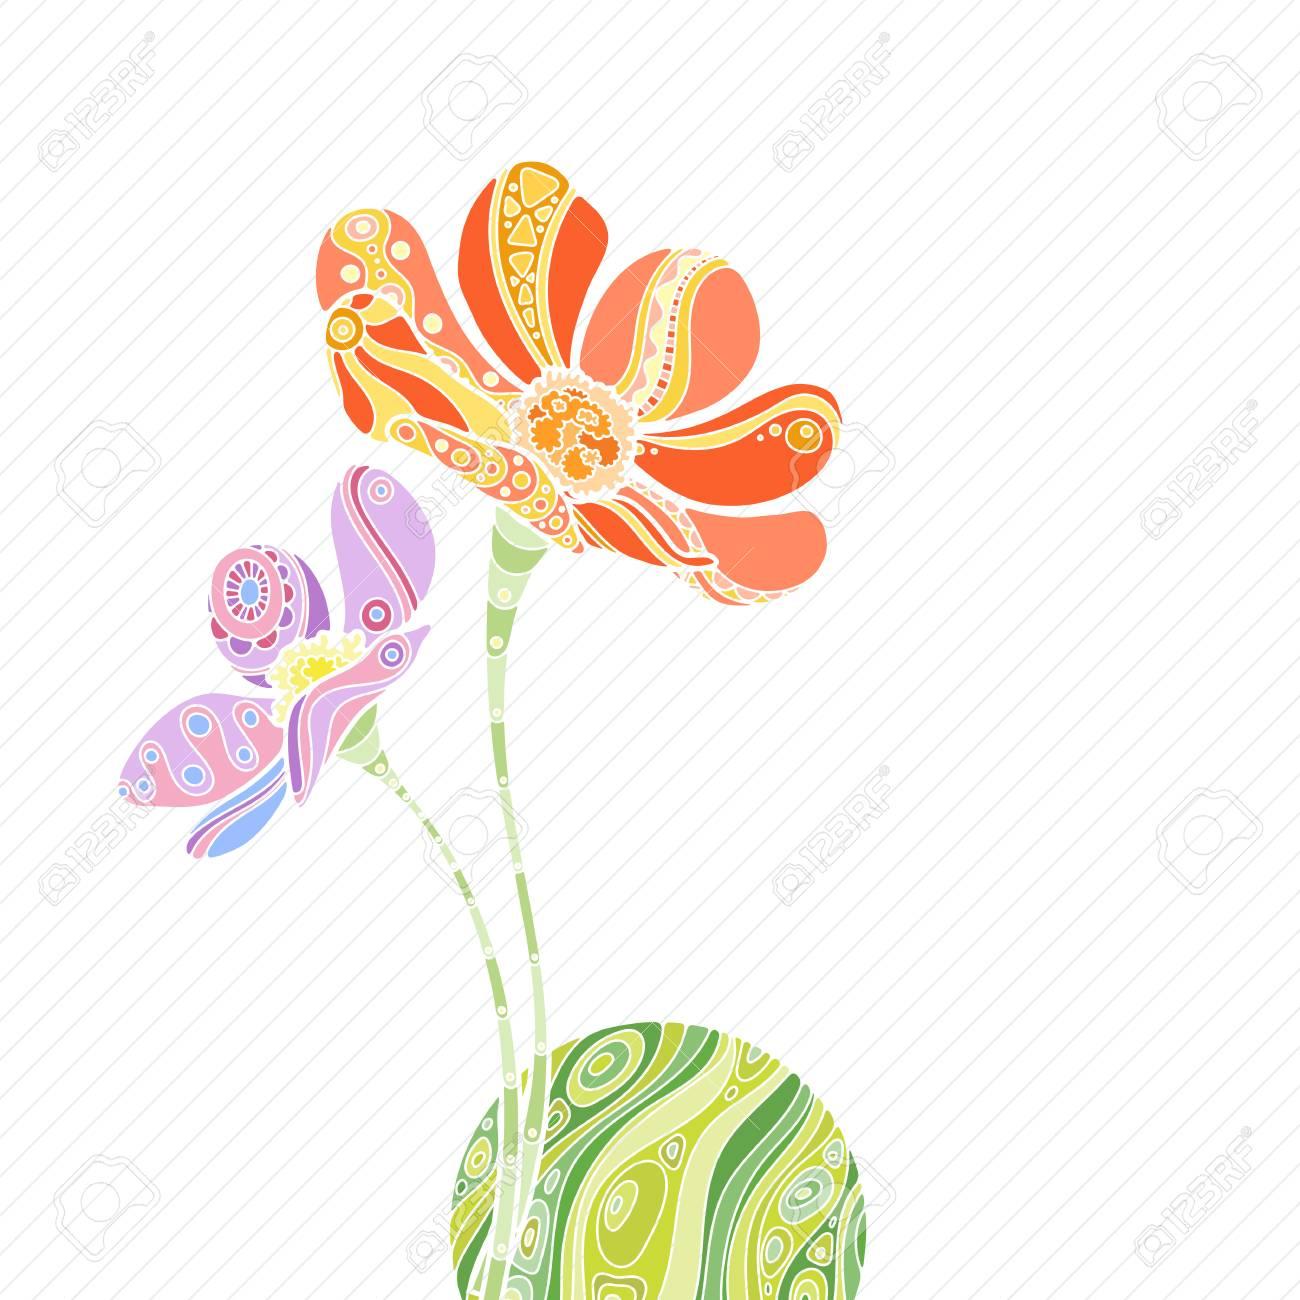 Ilustracion Del Vector De Flores Zentangle Con Bola De La Onda